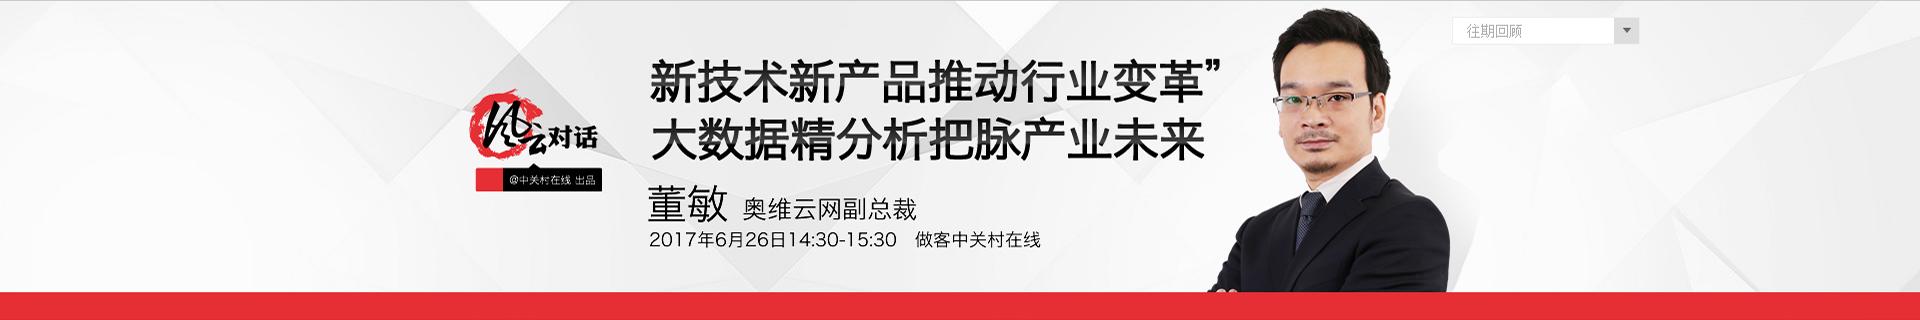 2017电视风云录 专访奥维云网副总裁董敏